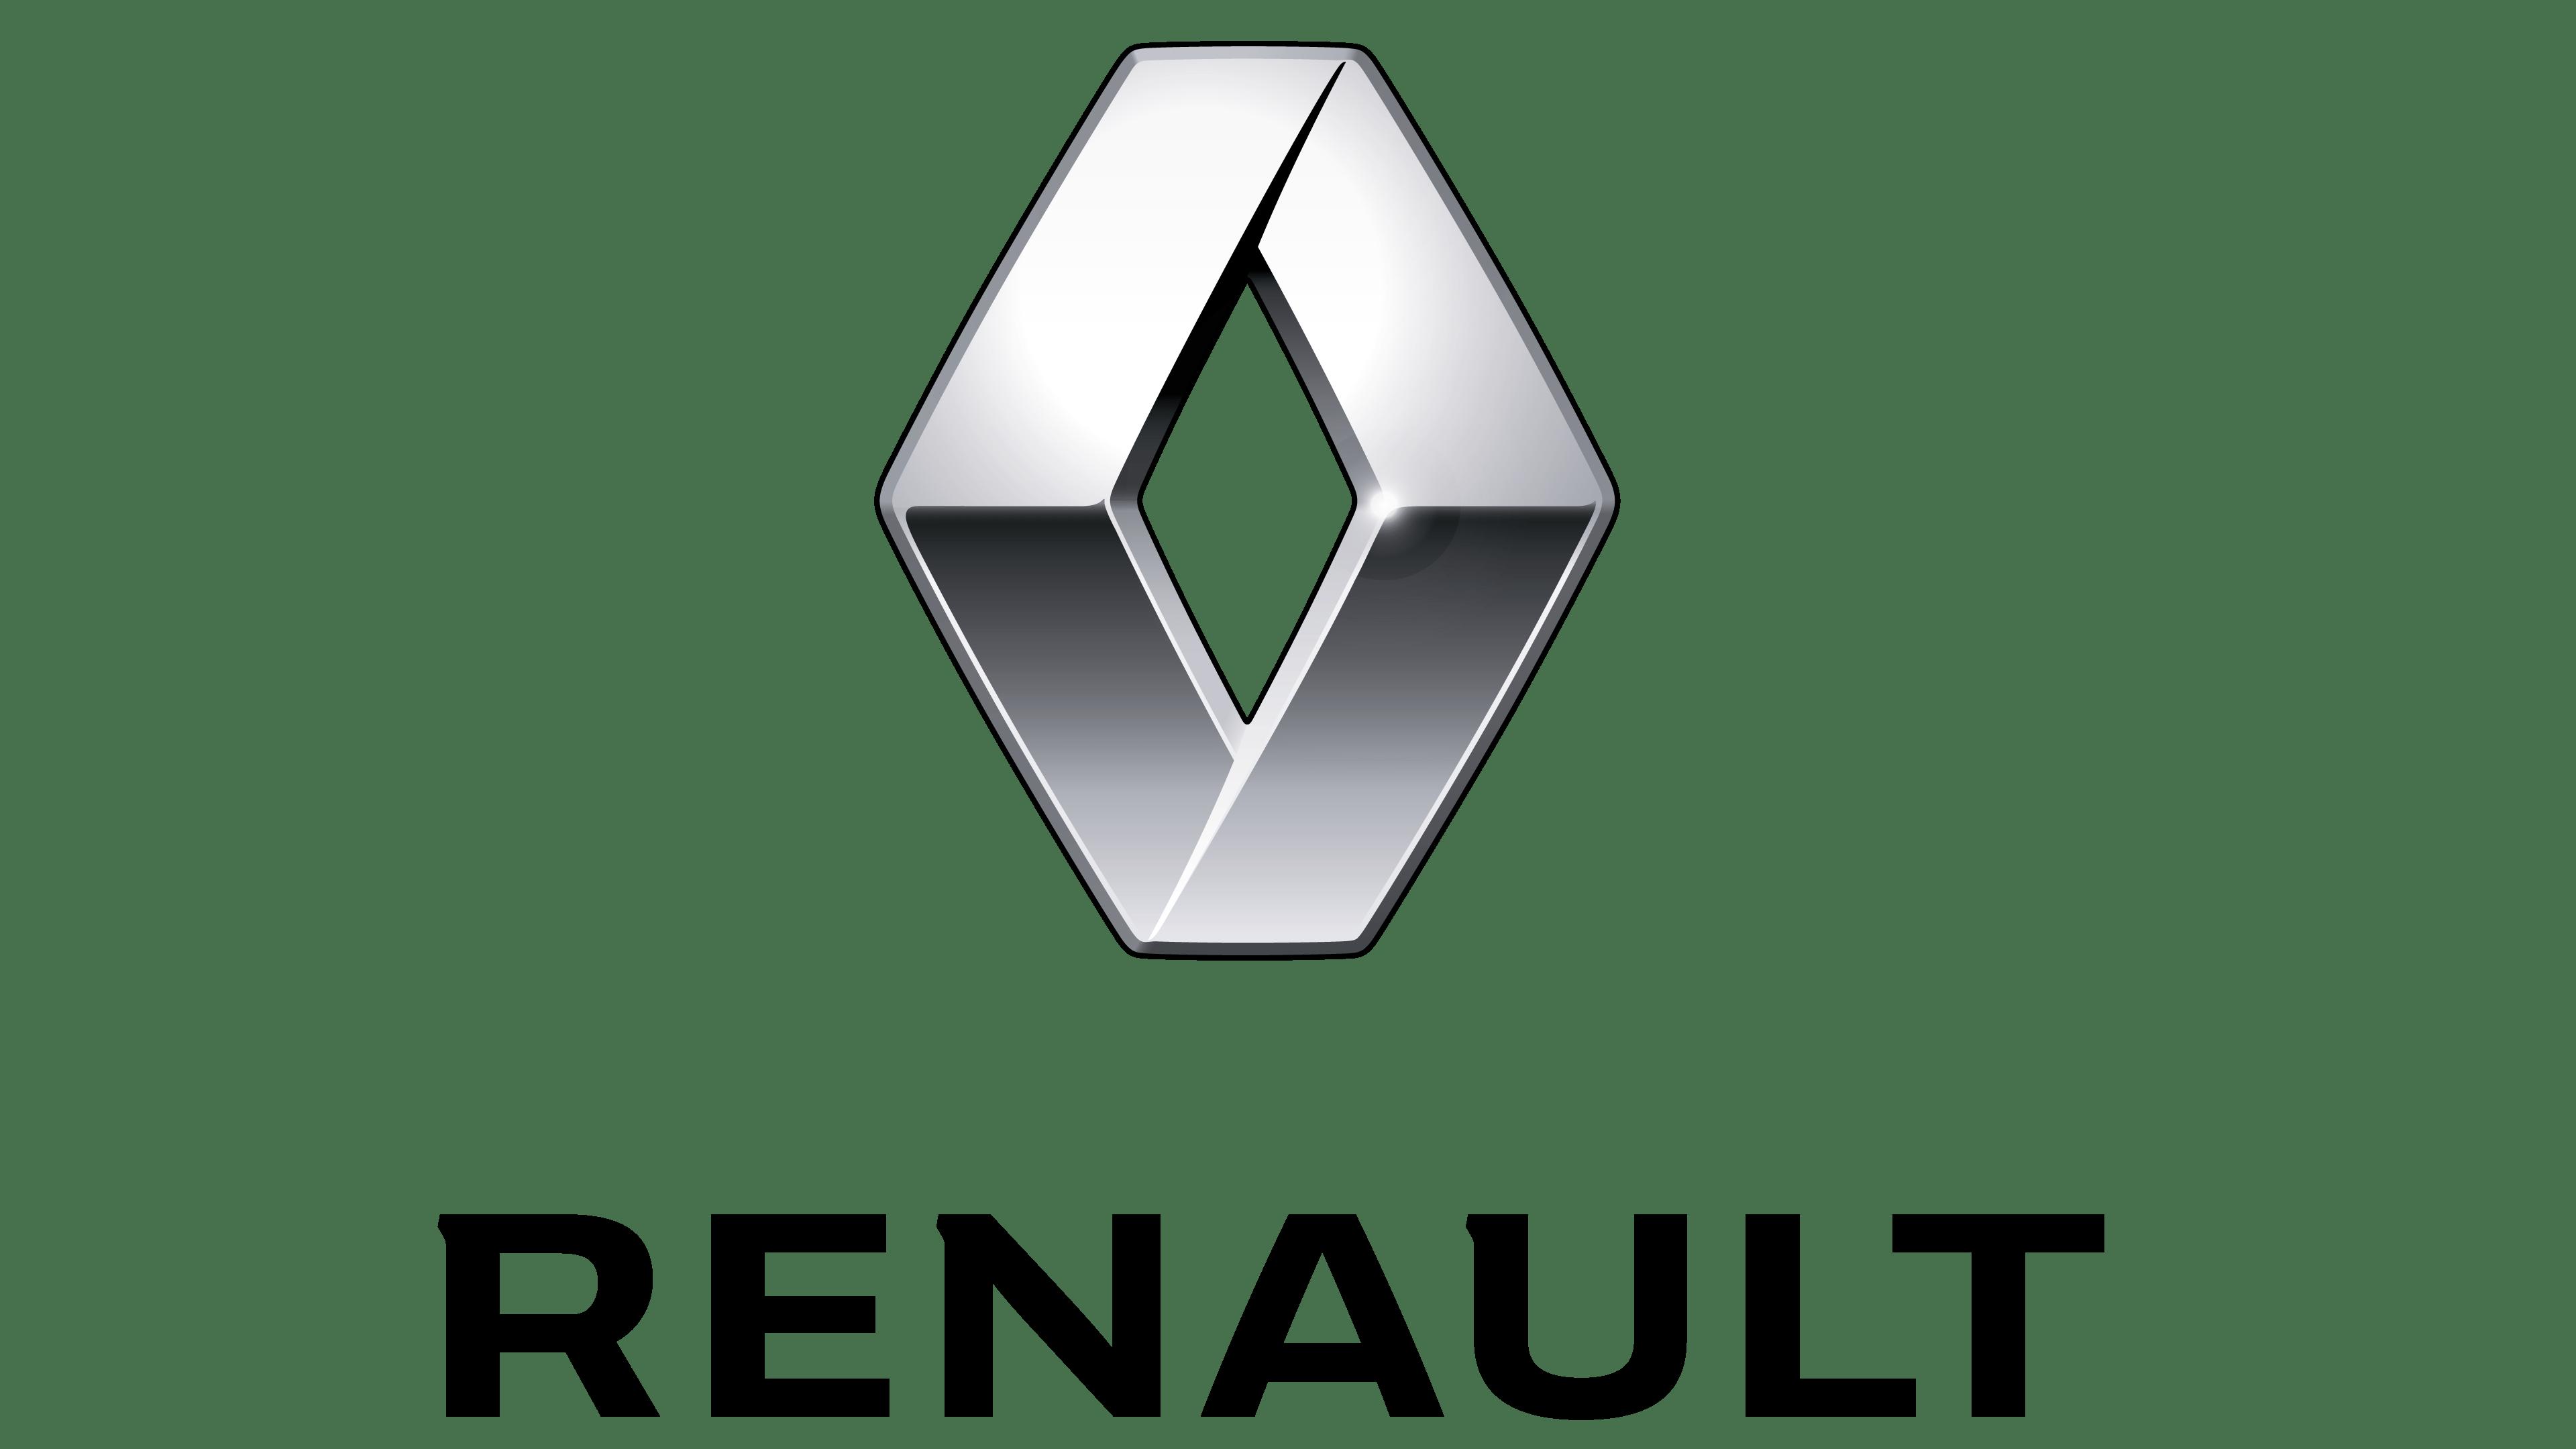 Renault Logo, Nutzfahrzeuge Schweiz, Pritsche, LKW, Kühltransporter, Kühlwagen